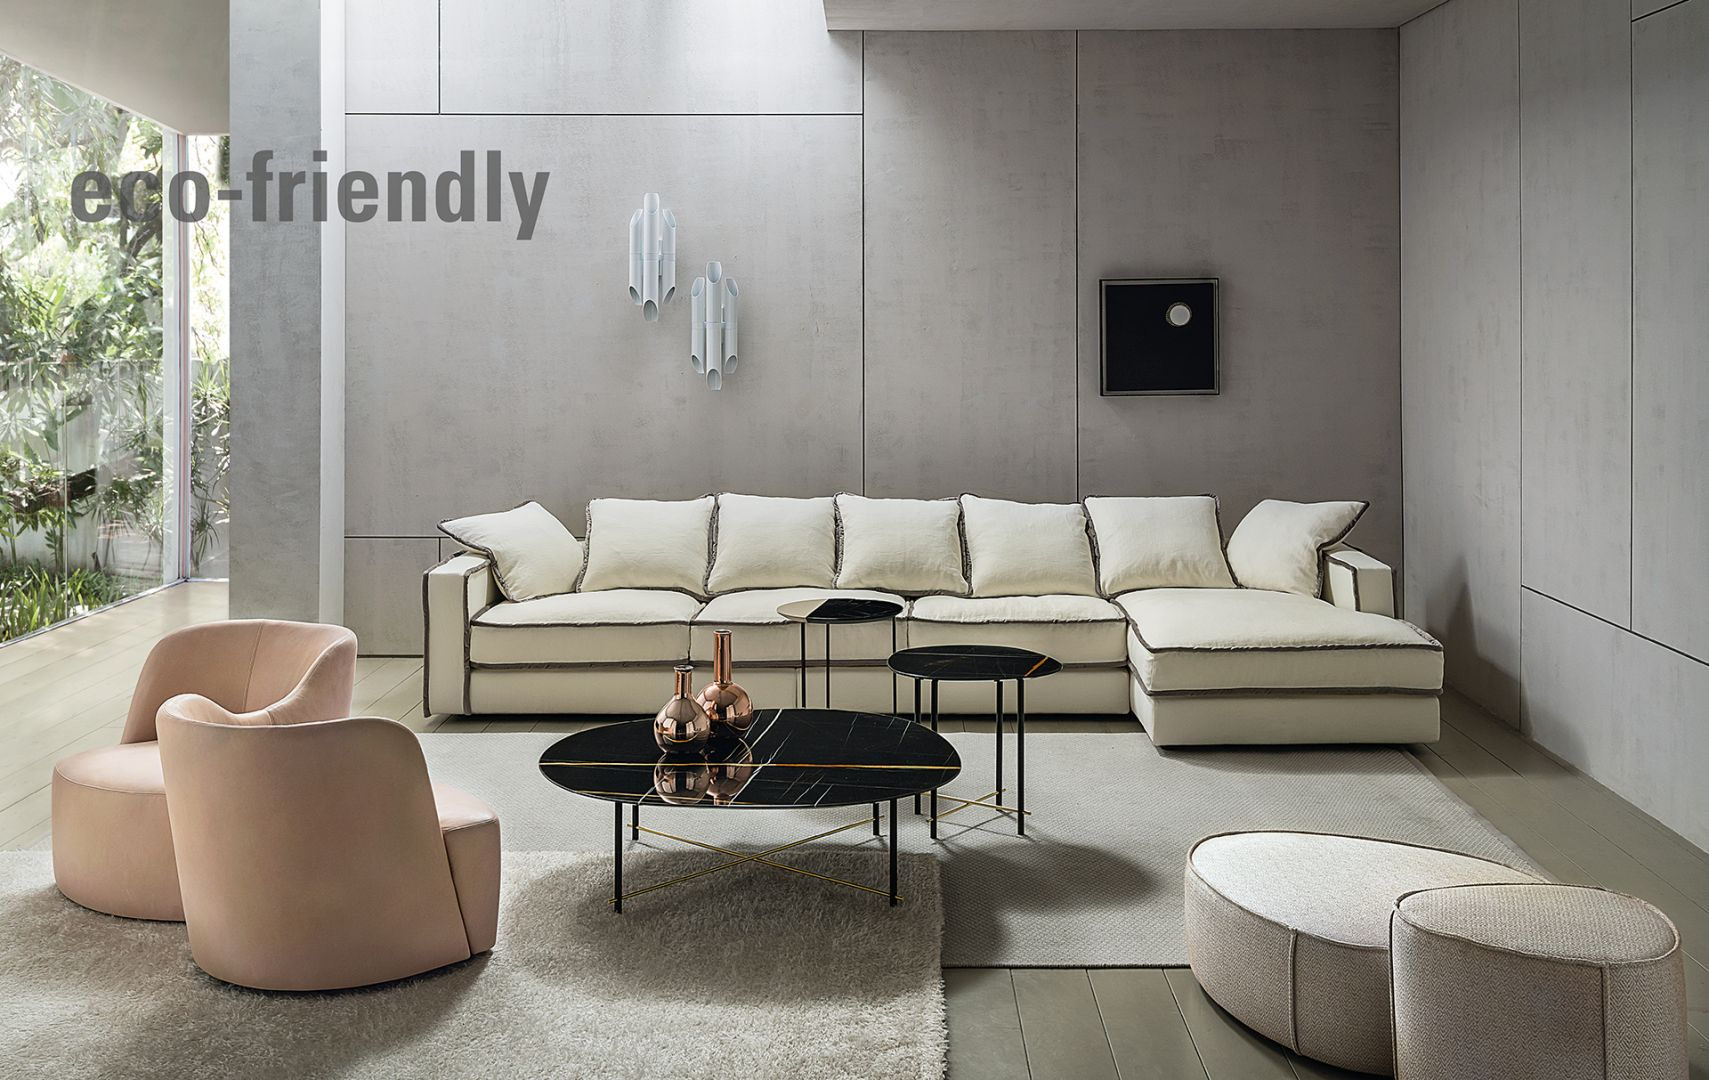 Sofa w całości wykonana jest z biodegradowalnych i otrzymanych w zrównoważony sposób materiałów. Fot. Casamilano